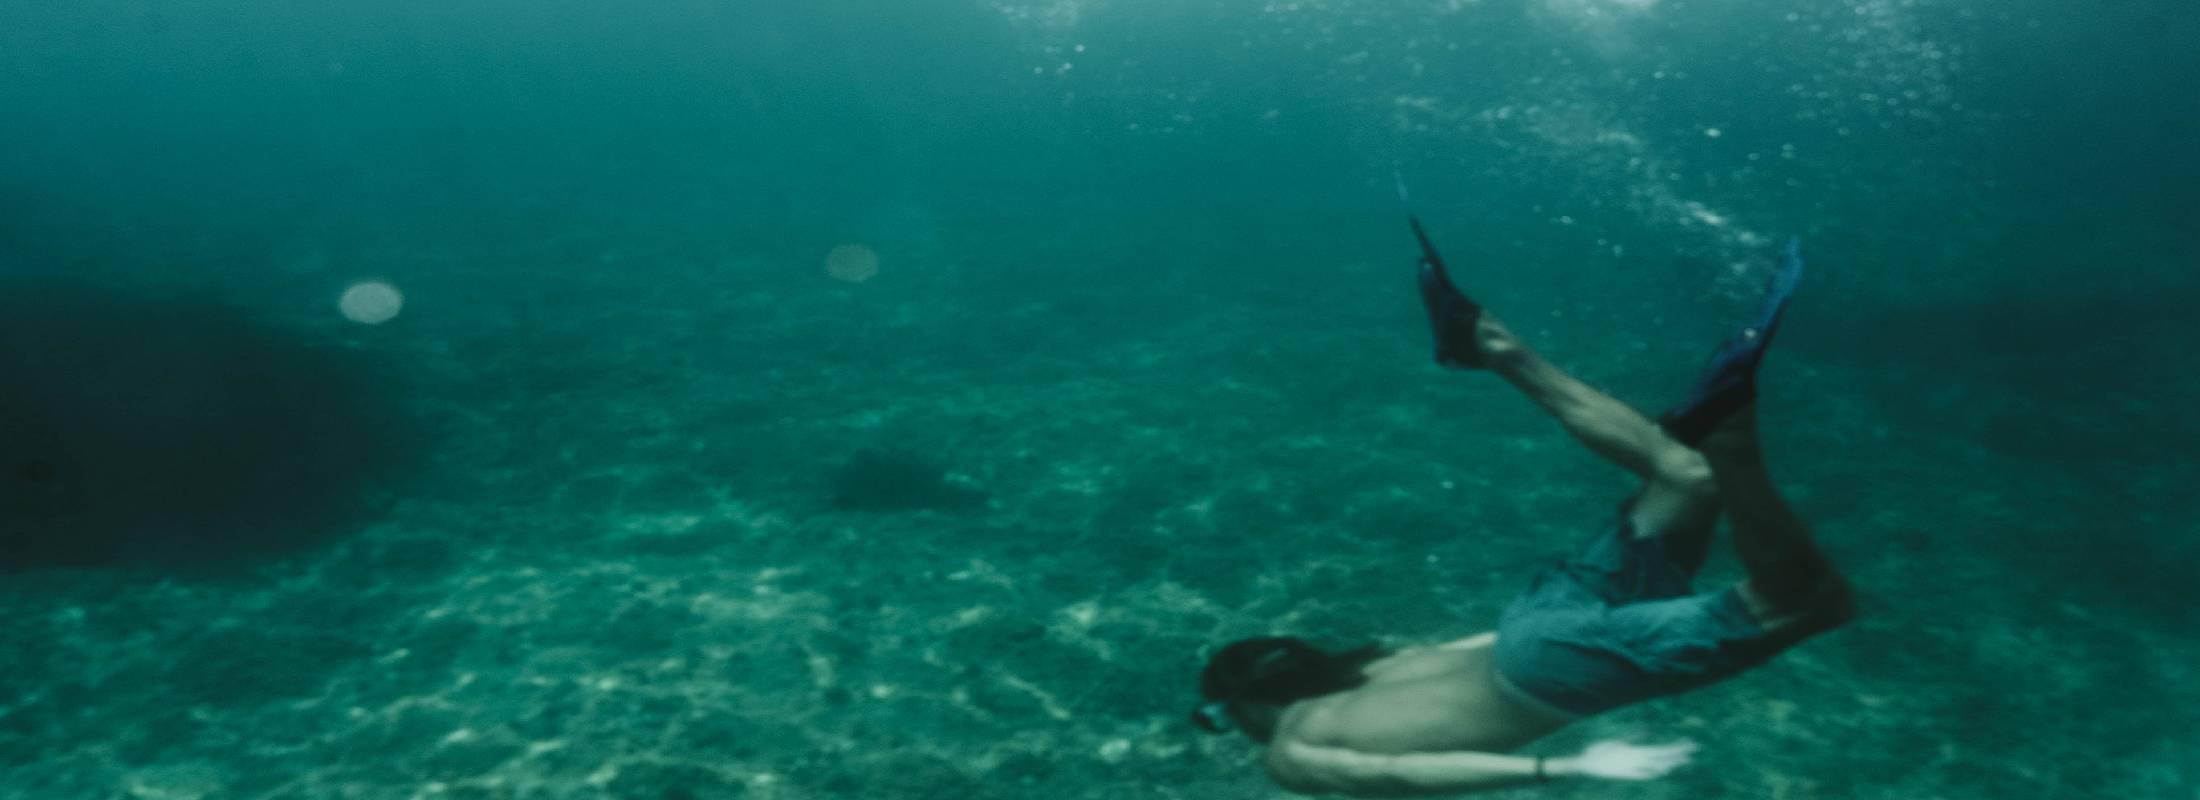 snorkel en el glamping camp de alicante